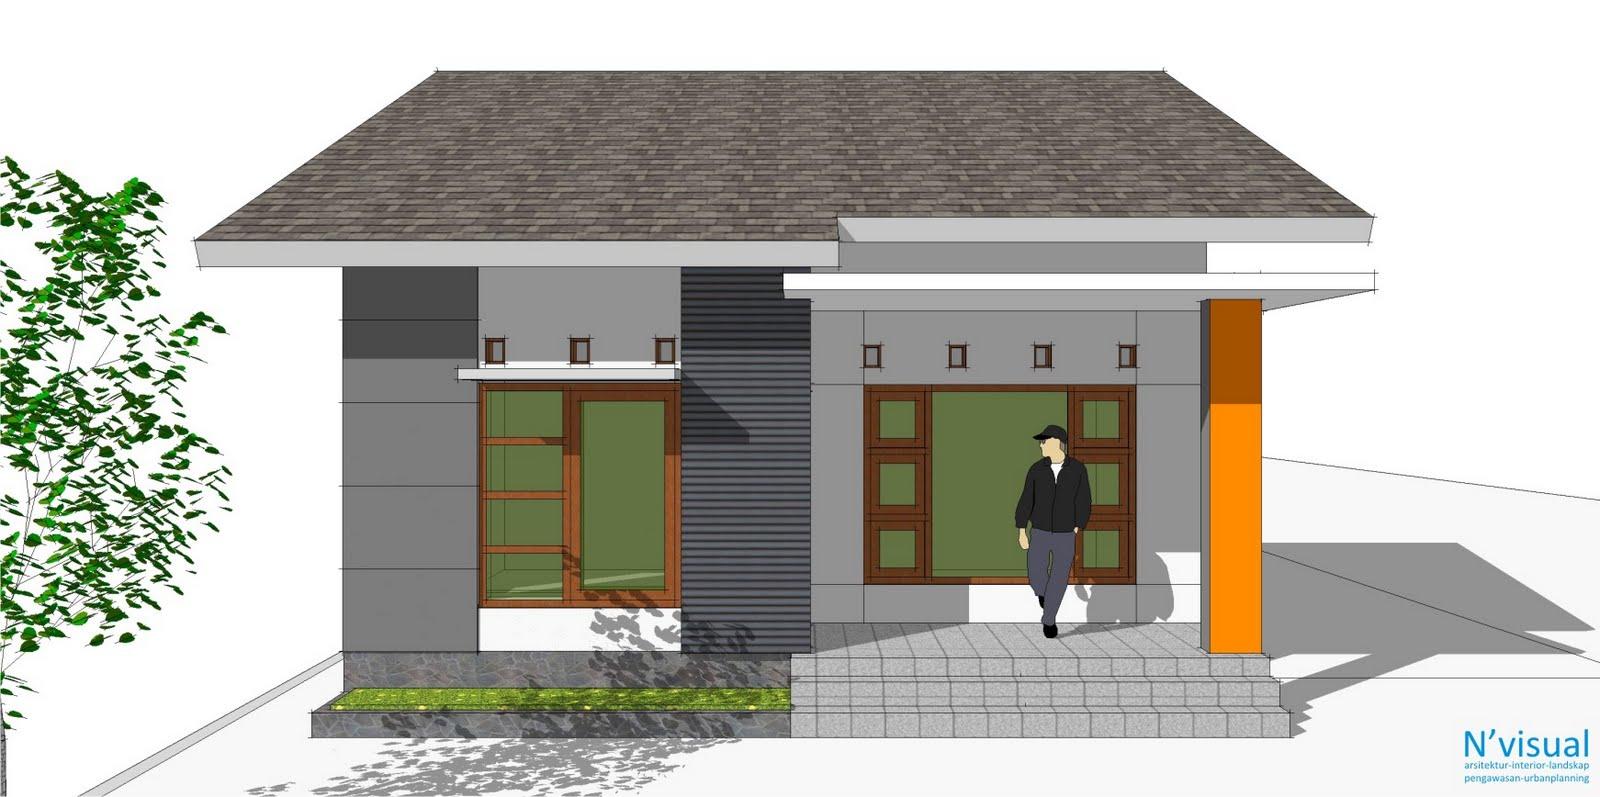 Desain Rumah Minimalis Modern Gambar Model Rumah Sederhana